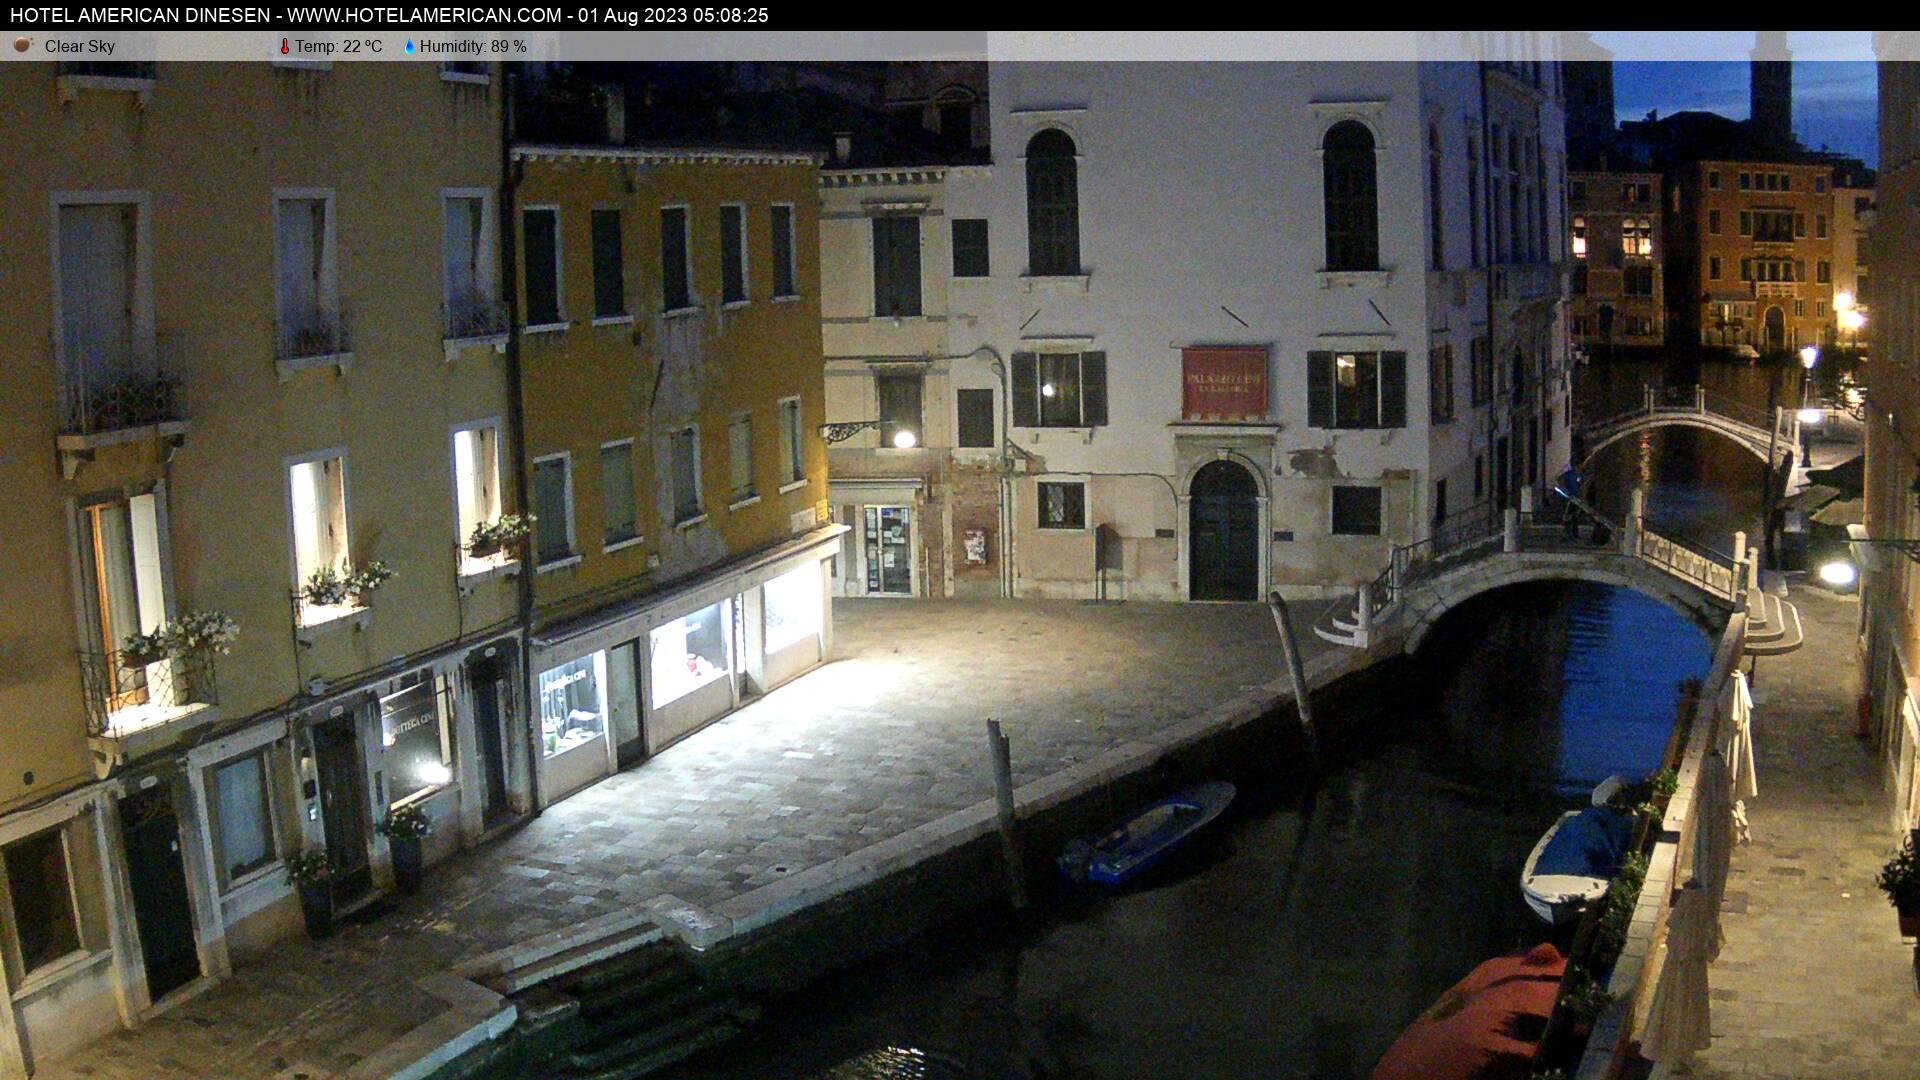 Venedig So. 05:08